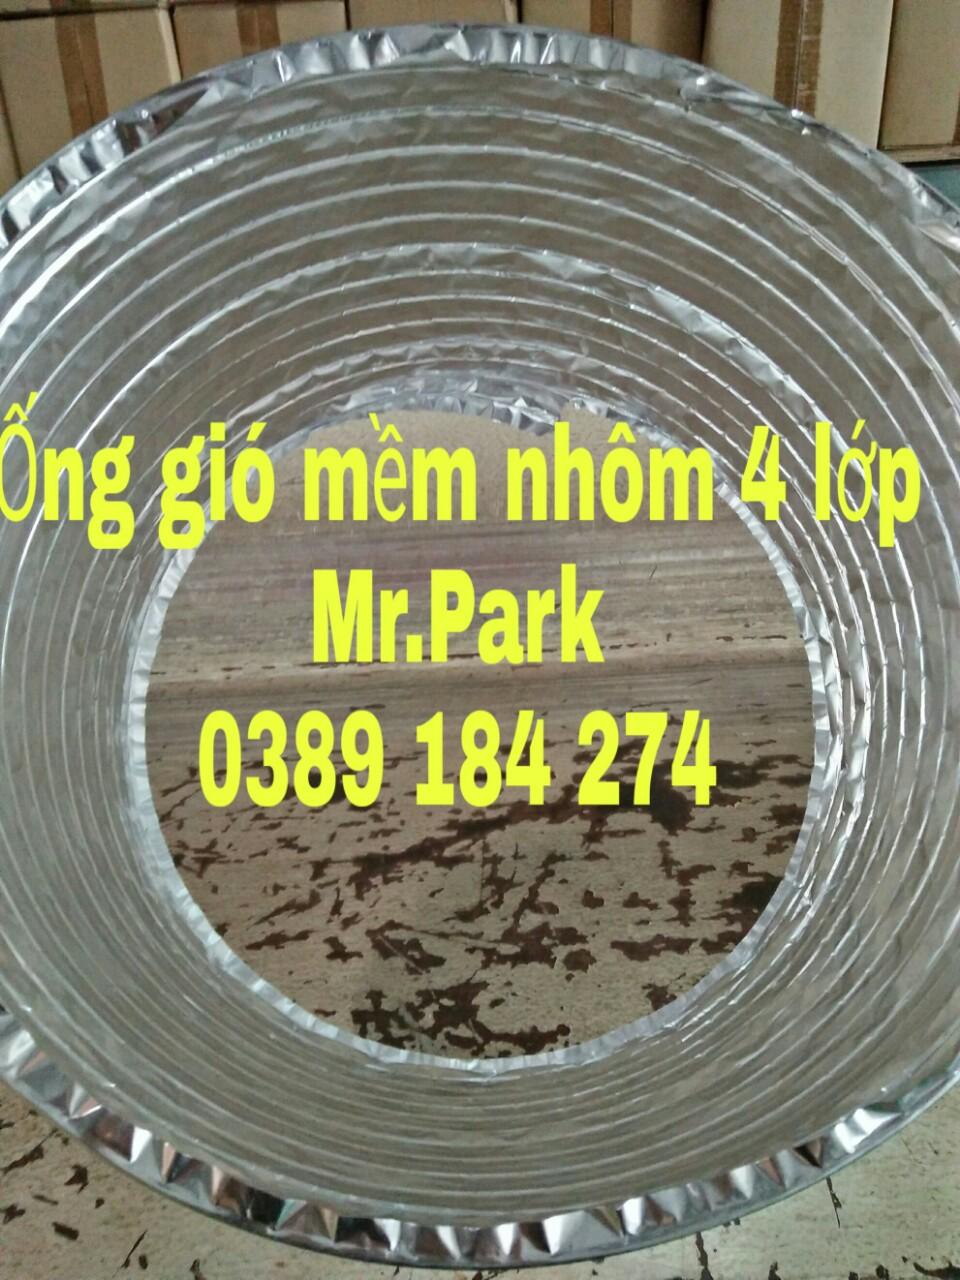 Ống gió mềm Mr.Park